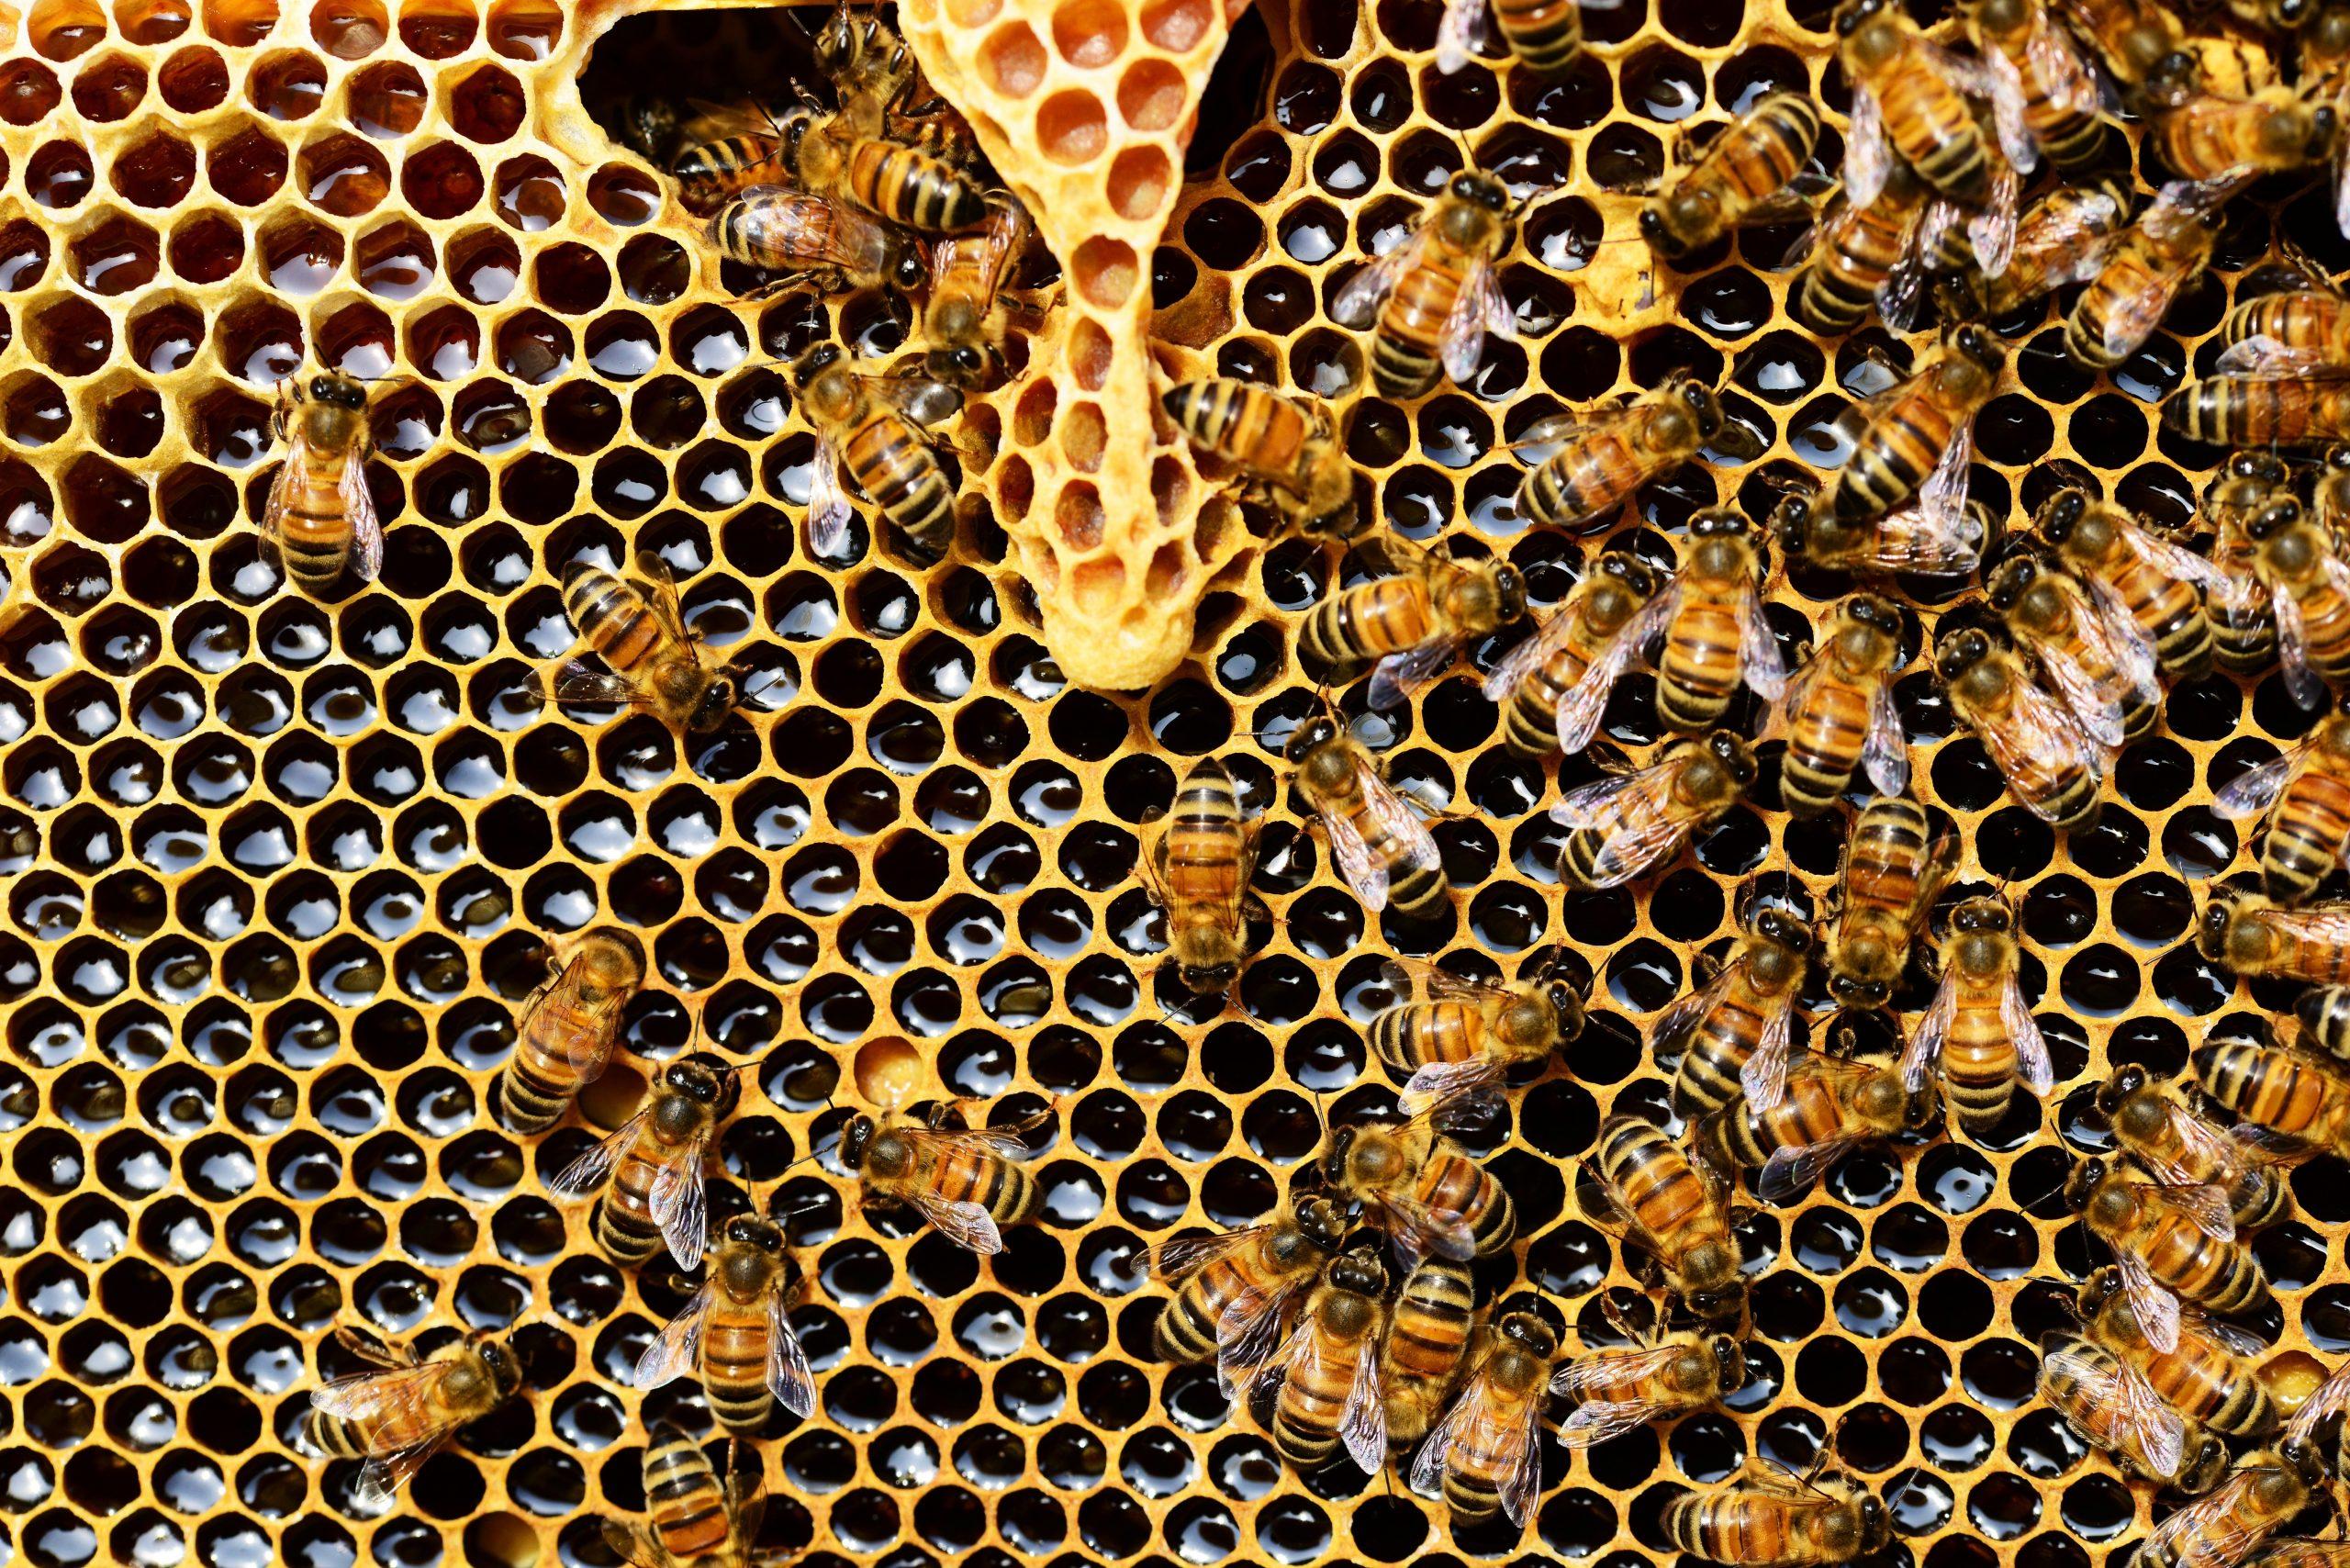 Polline, miele, propoli e pappa reale. I doni delle api per rinforzare il sistema immunitario